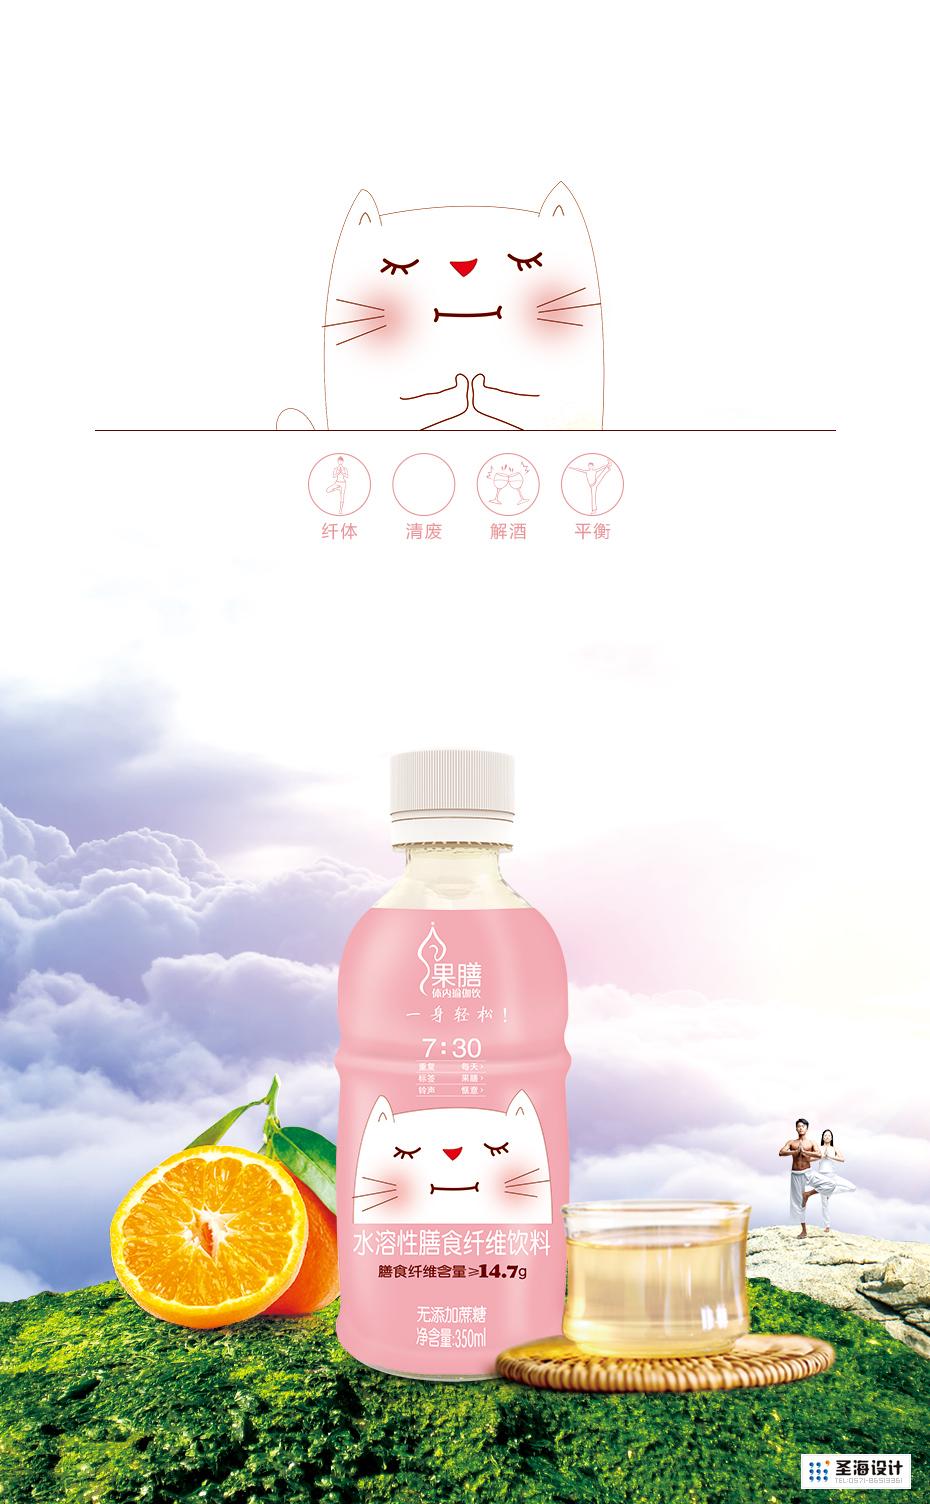 果膳水溶性膳食纖維(體內瑜伽飲)PET瓶飲料包裝設計|果汁包裝|瓶貼瓶標設計|杭州包裝設計|杭州圣海包裝藝術設計有限公司